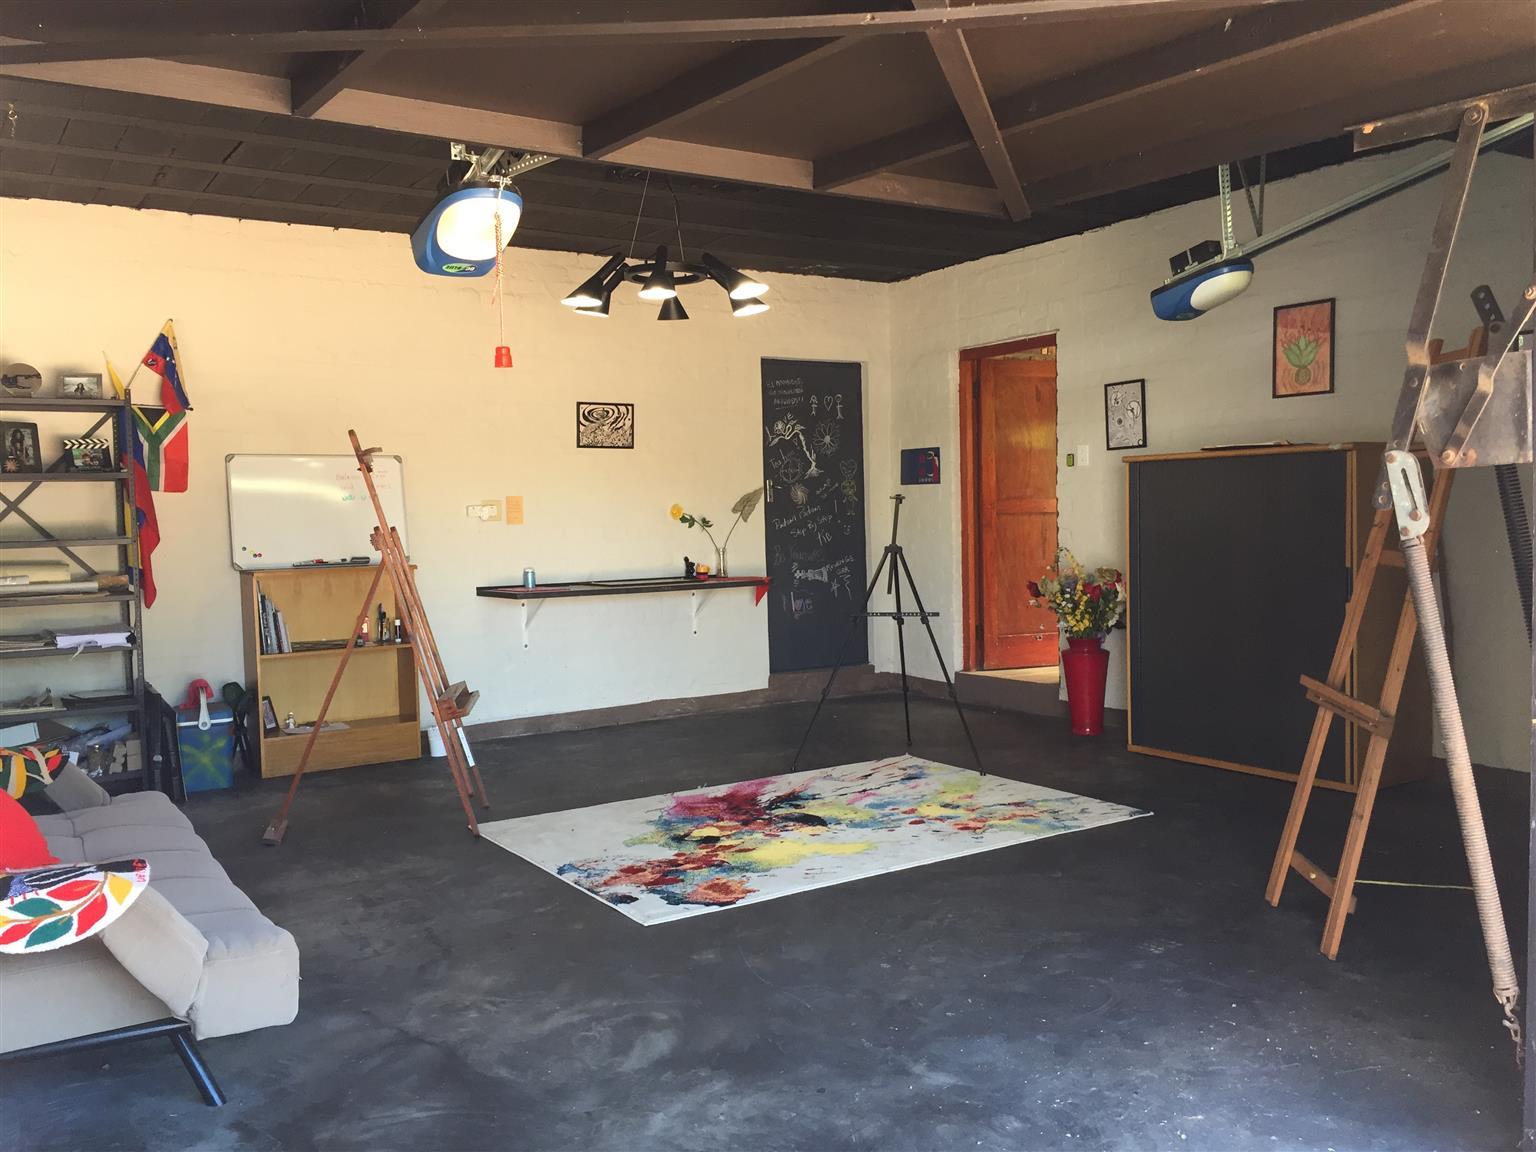 ART STUDIO/Garage to share